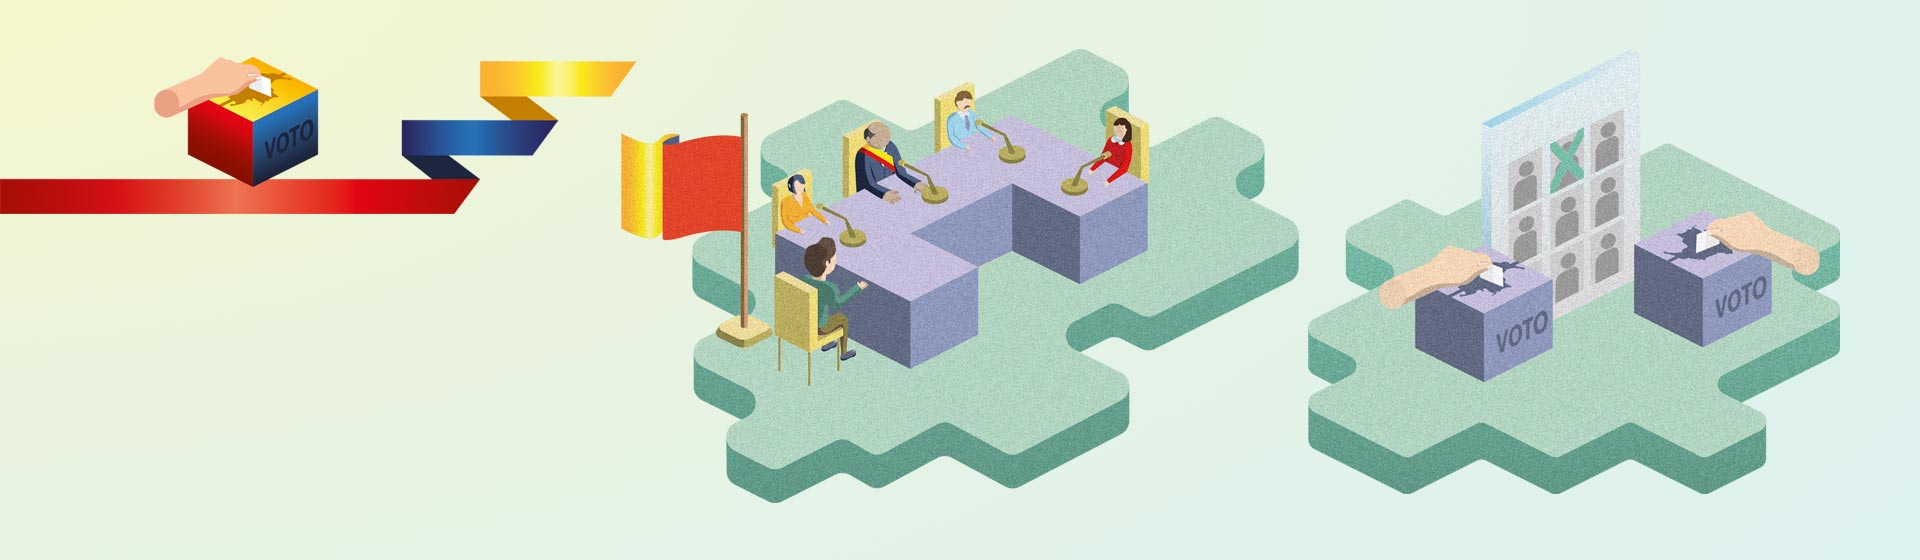 Ilustración sobre elecciones regionales.